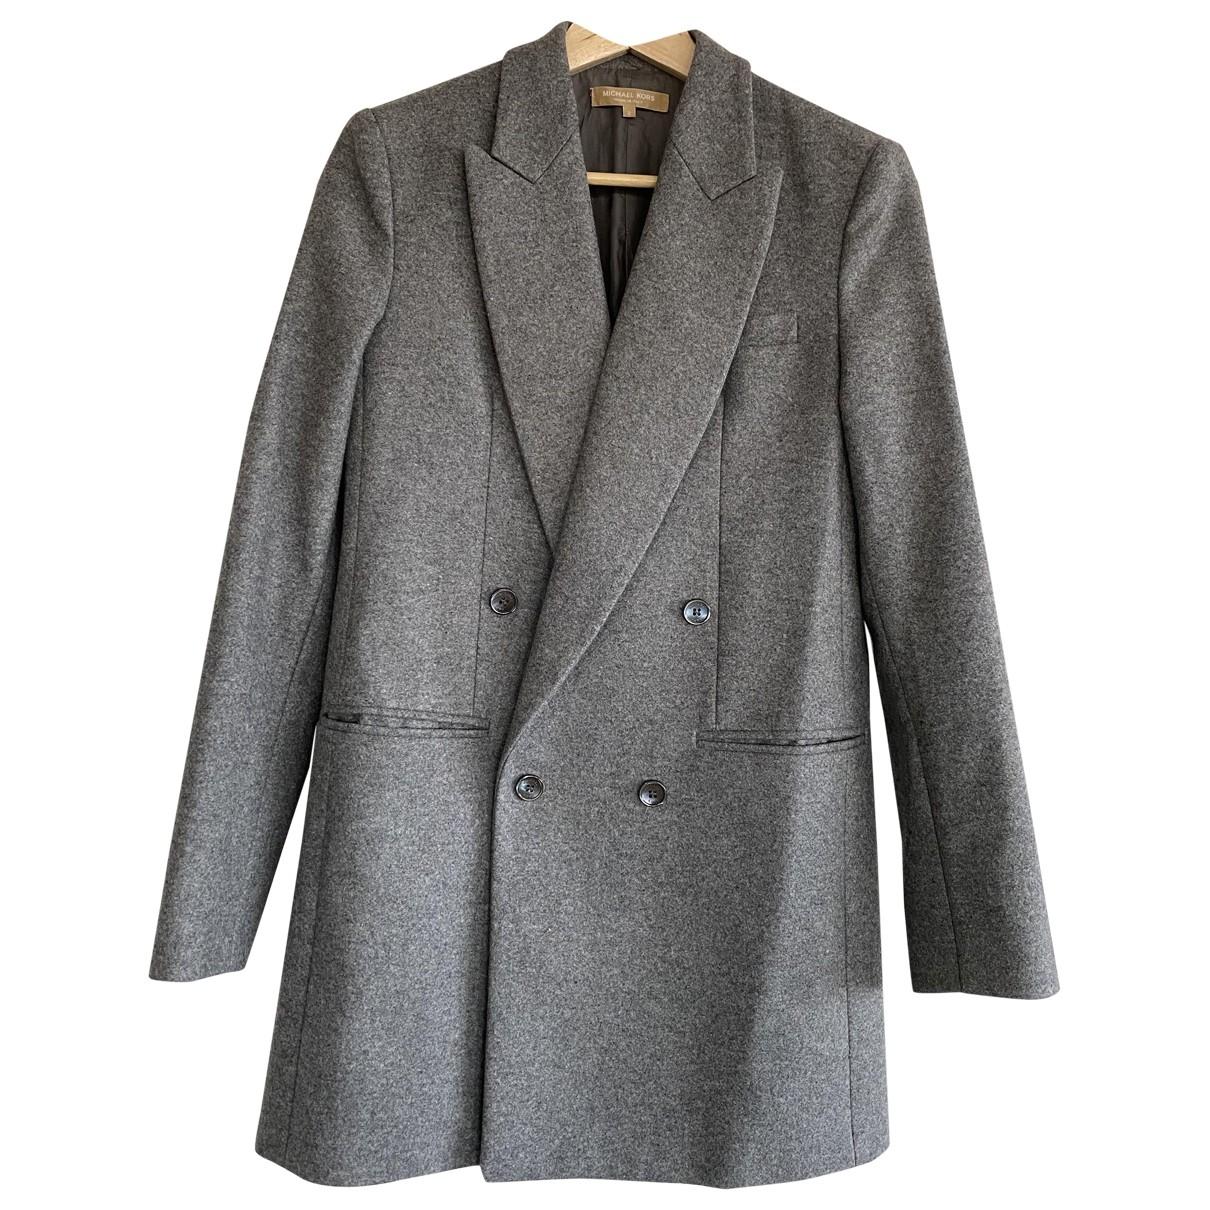 Michael Kors \N Grey Wool jacket for Women 2 0-5